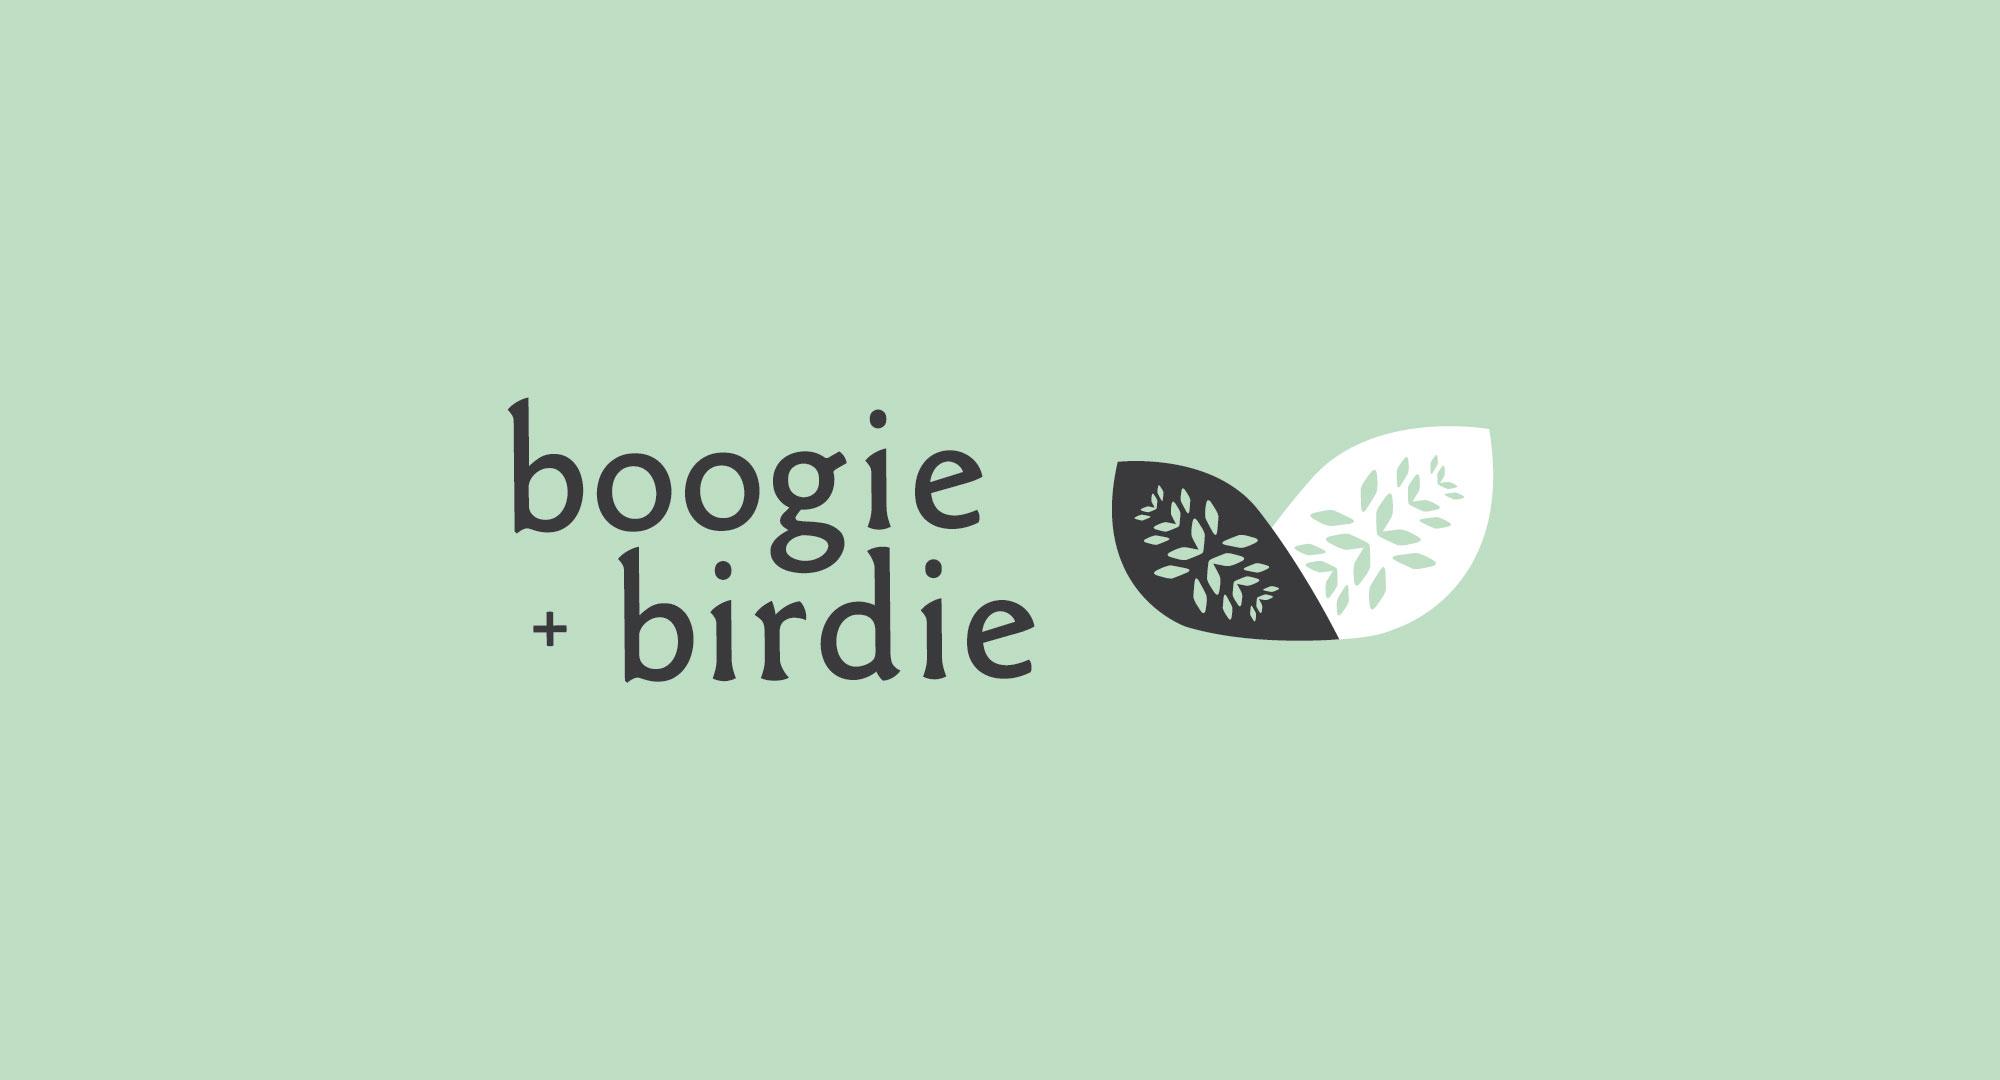 boogie-+-birdie-logo-only